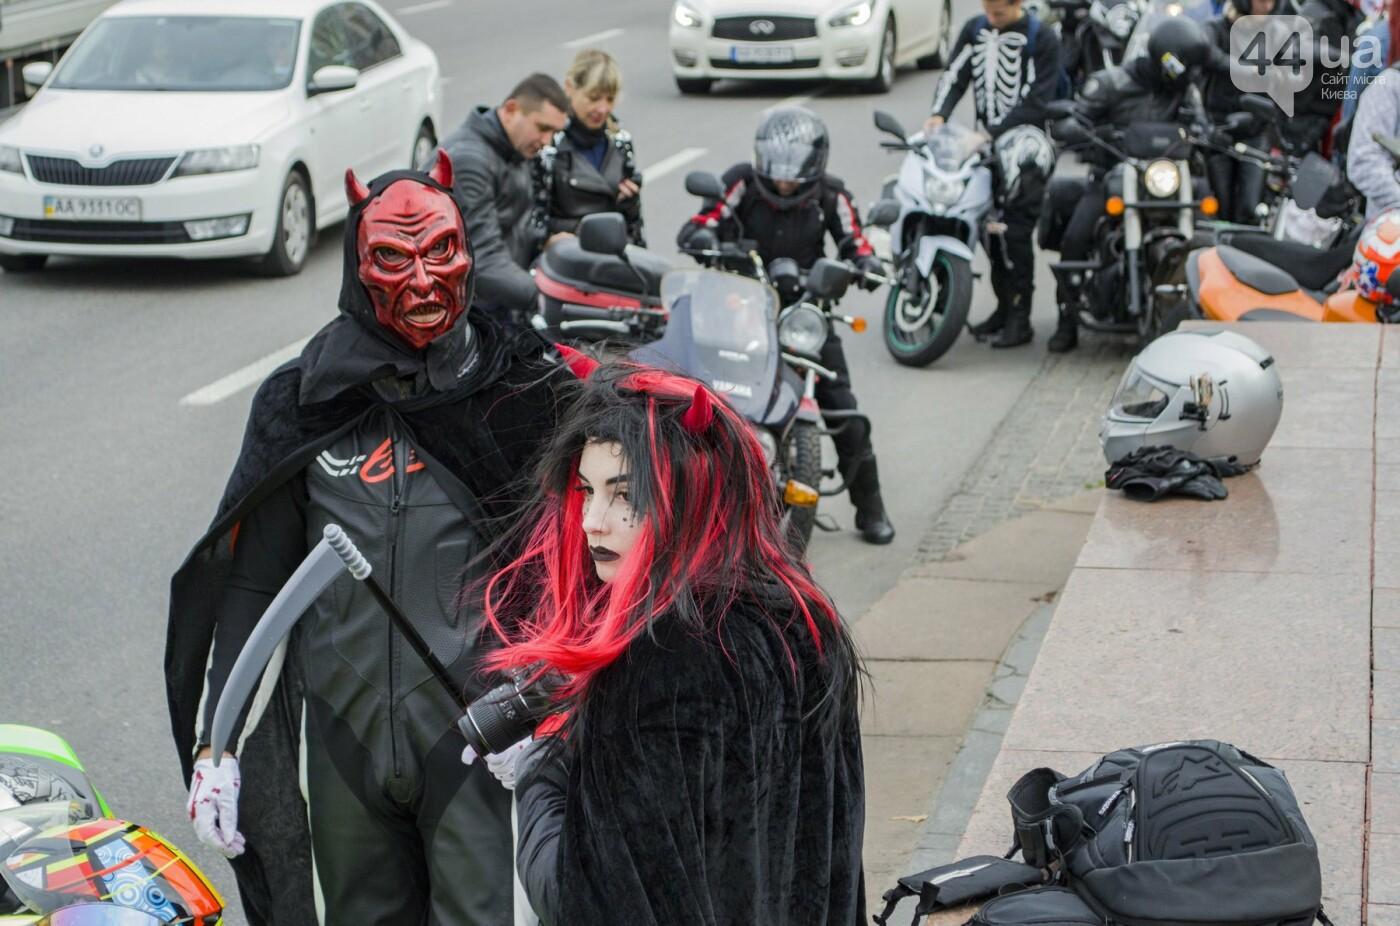 """От Бэтмена до ведьм: как """"нечисть"""" разъезжала на мотоциклах по центру Киева, фото-11"""